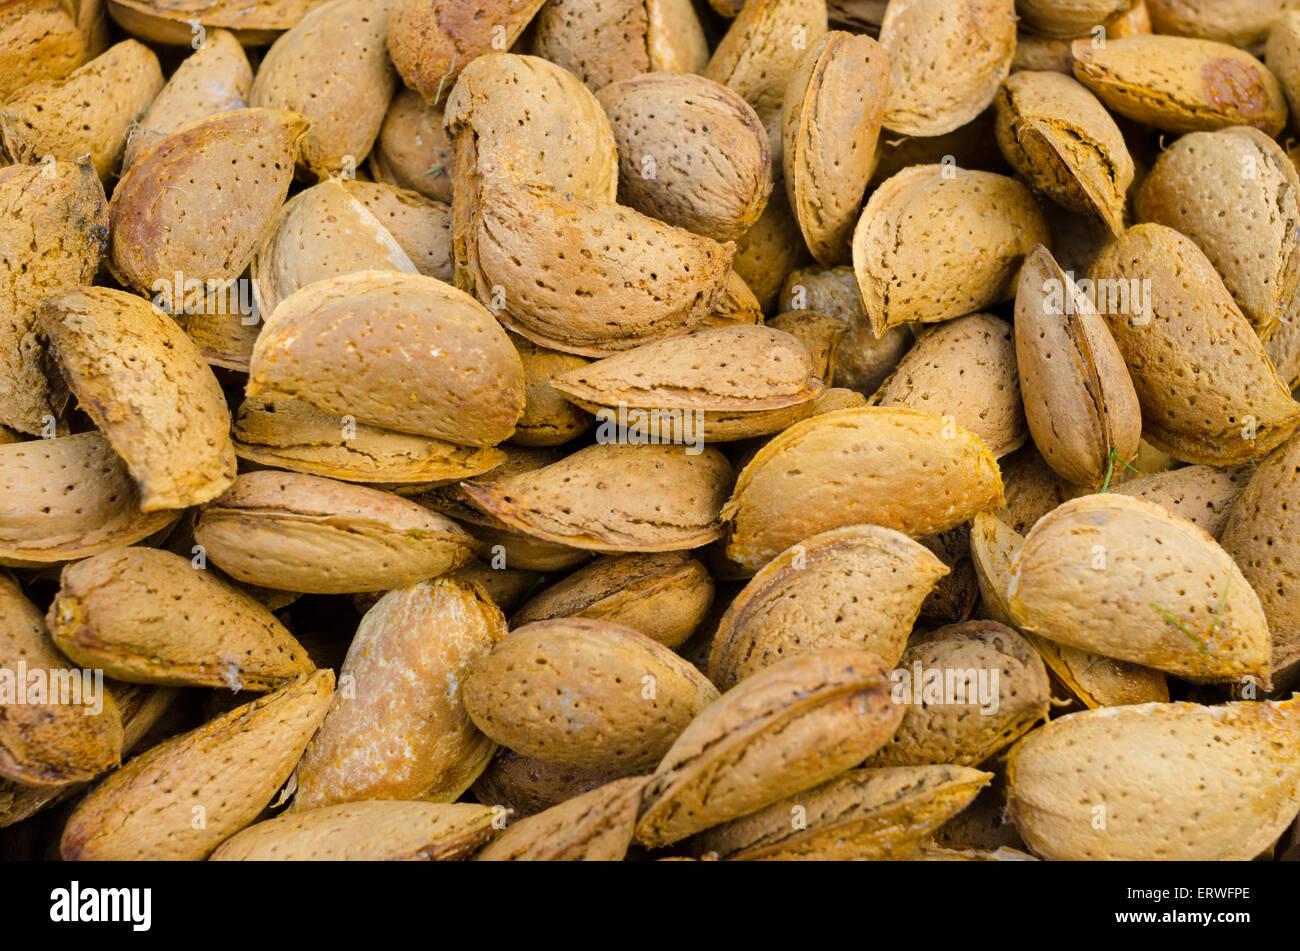 Un gros plan de quelques noix amandes Photo Stock